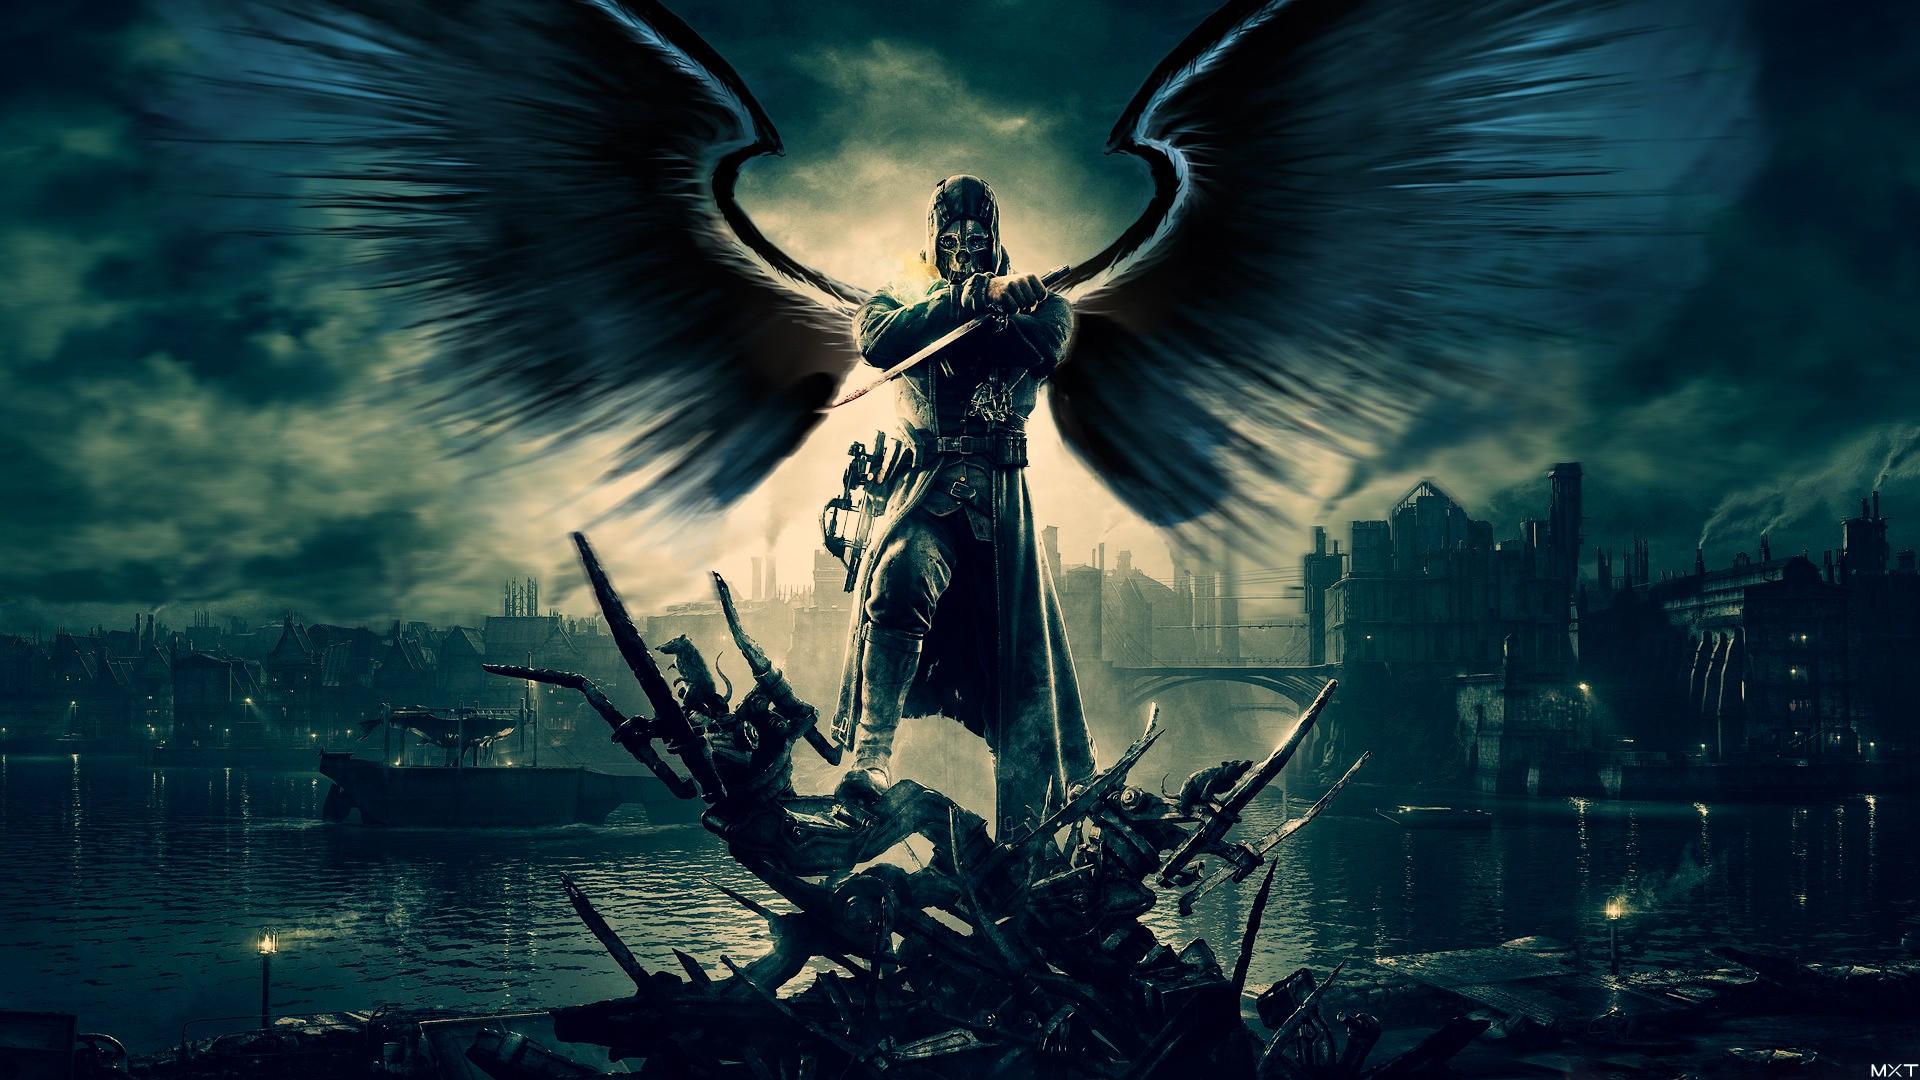 геройски падший ангел обои на рабочий стол месте поражения